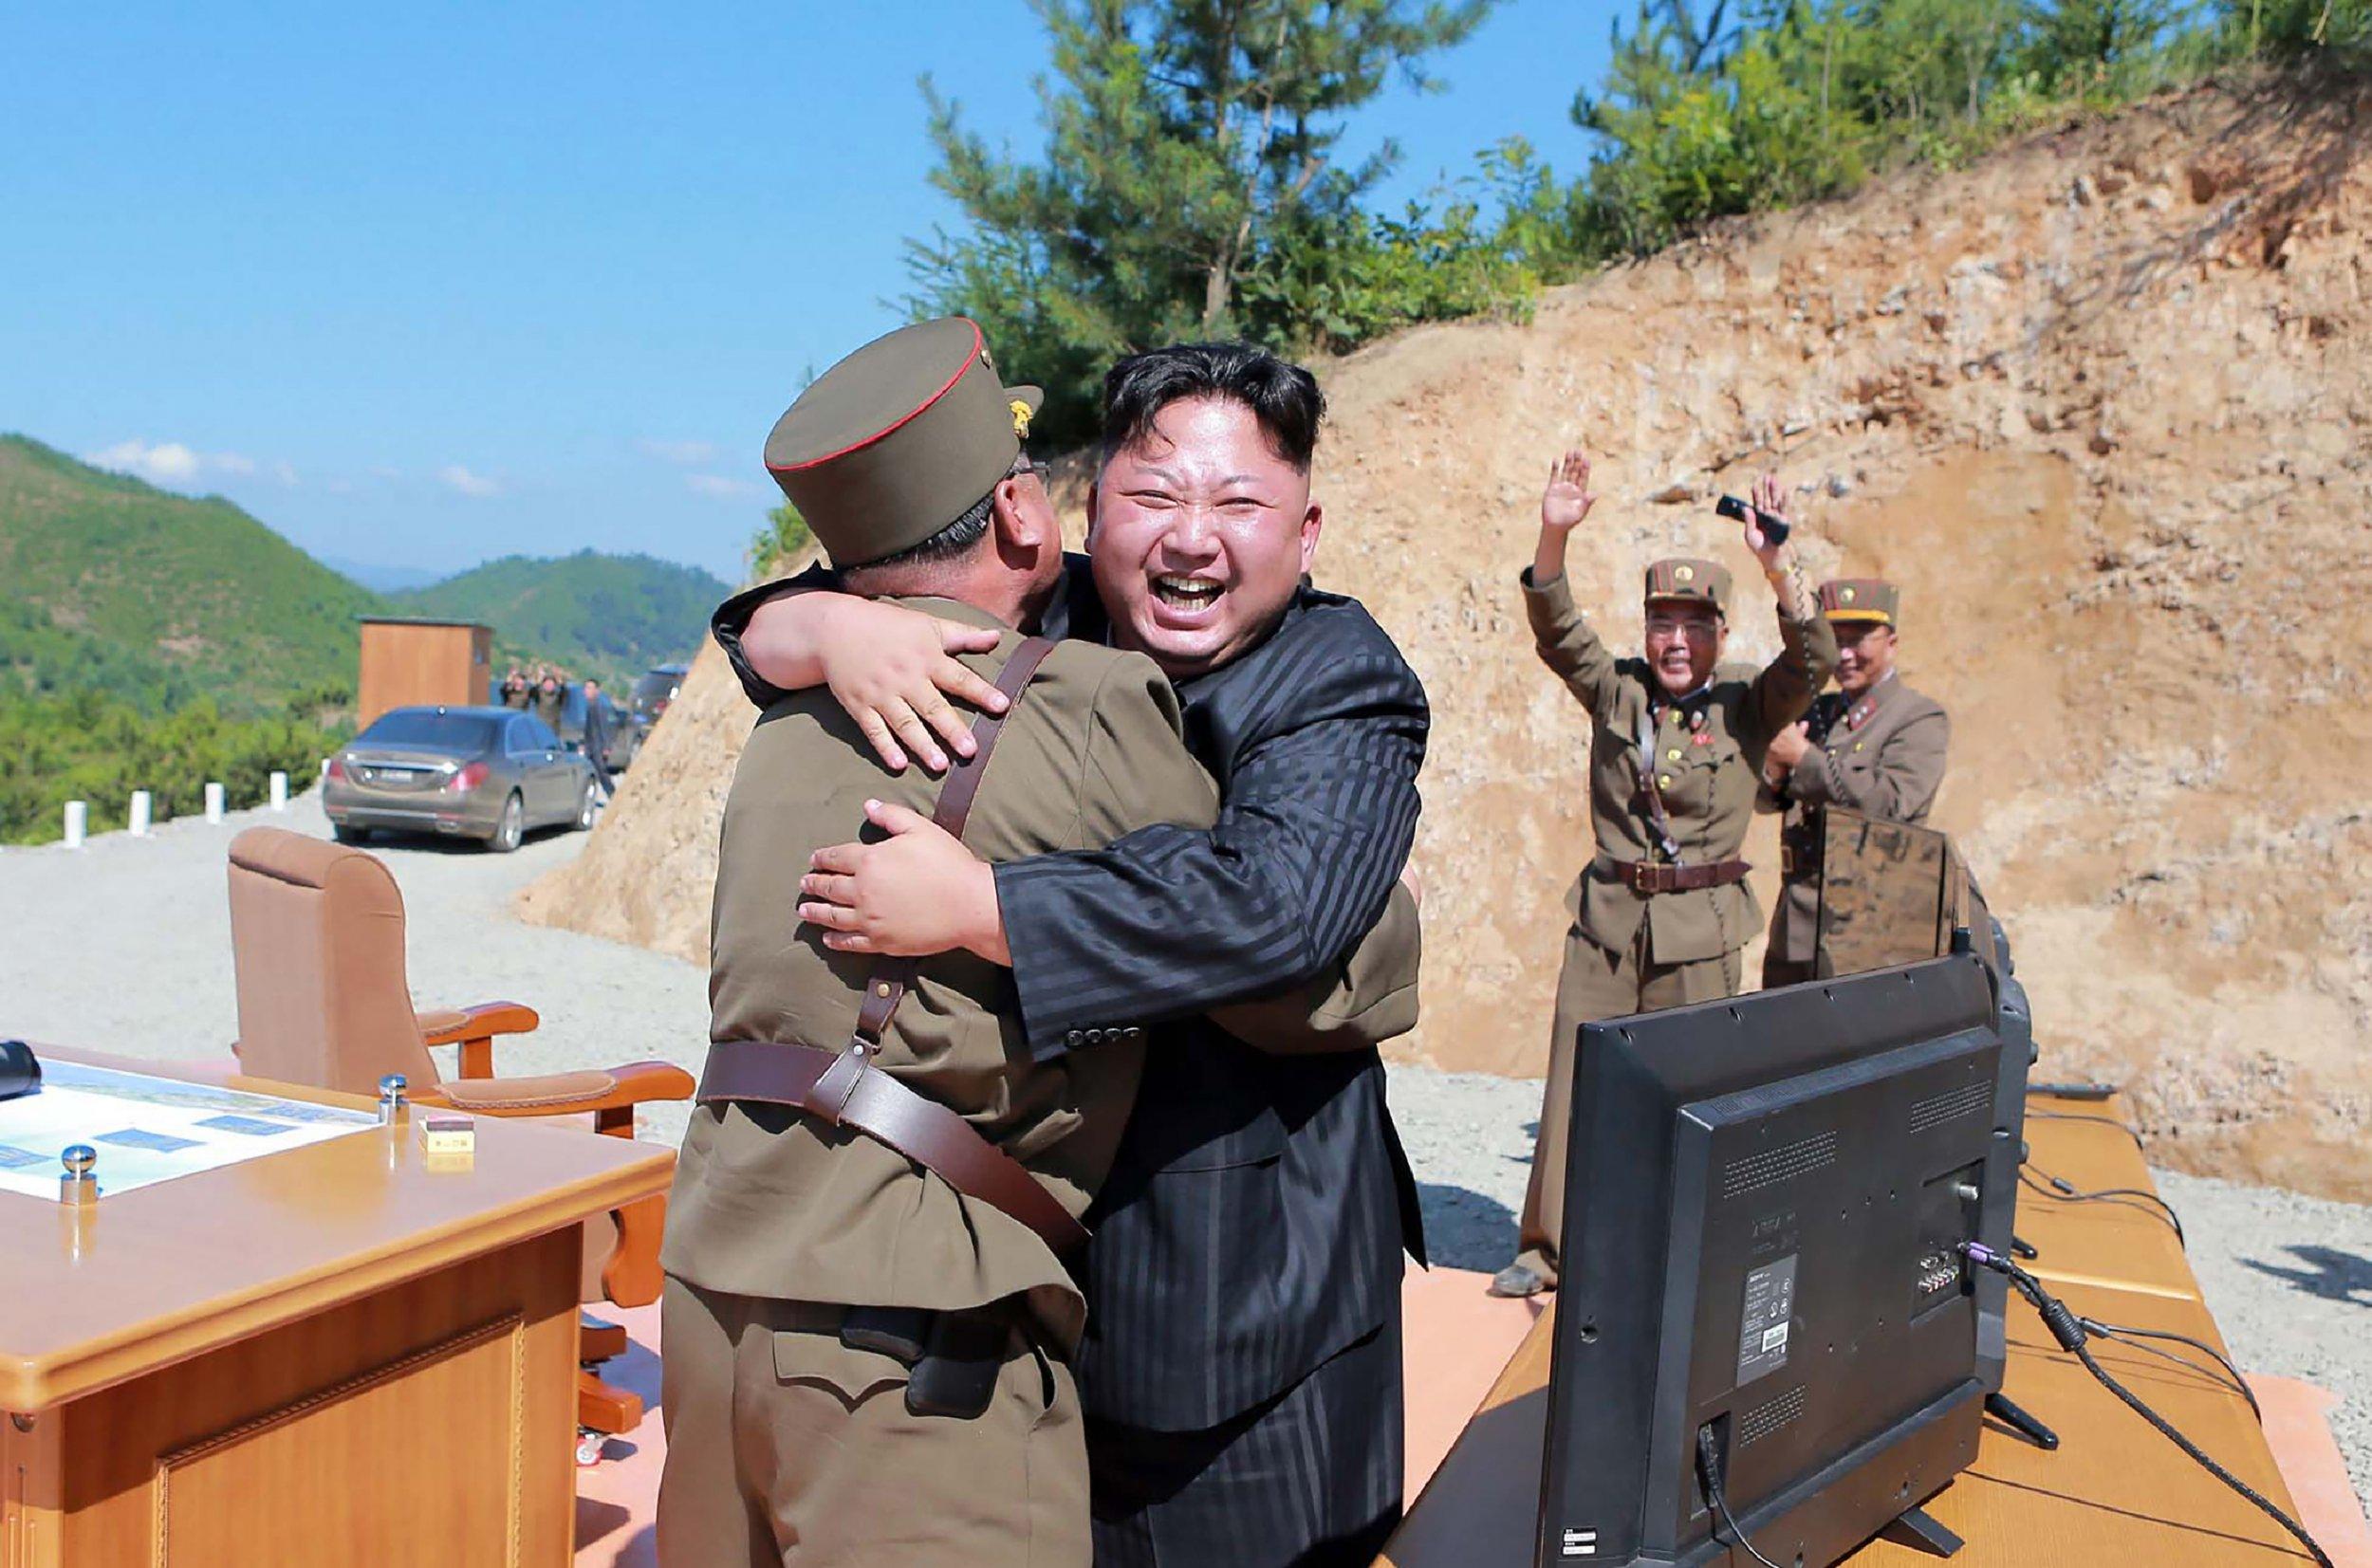 08_09_Trump_nuclear_floppy_disks